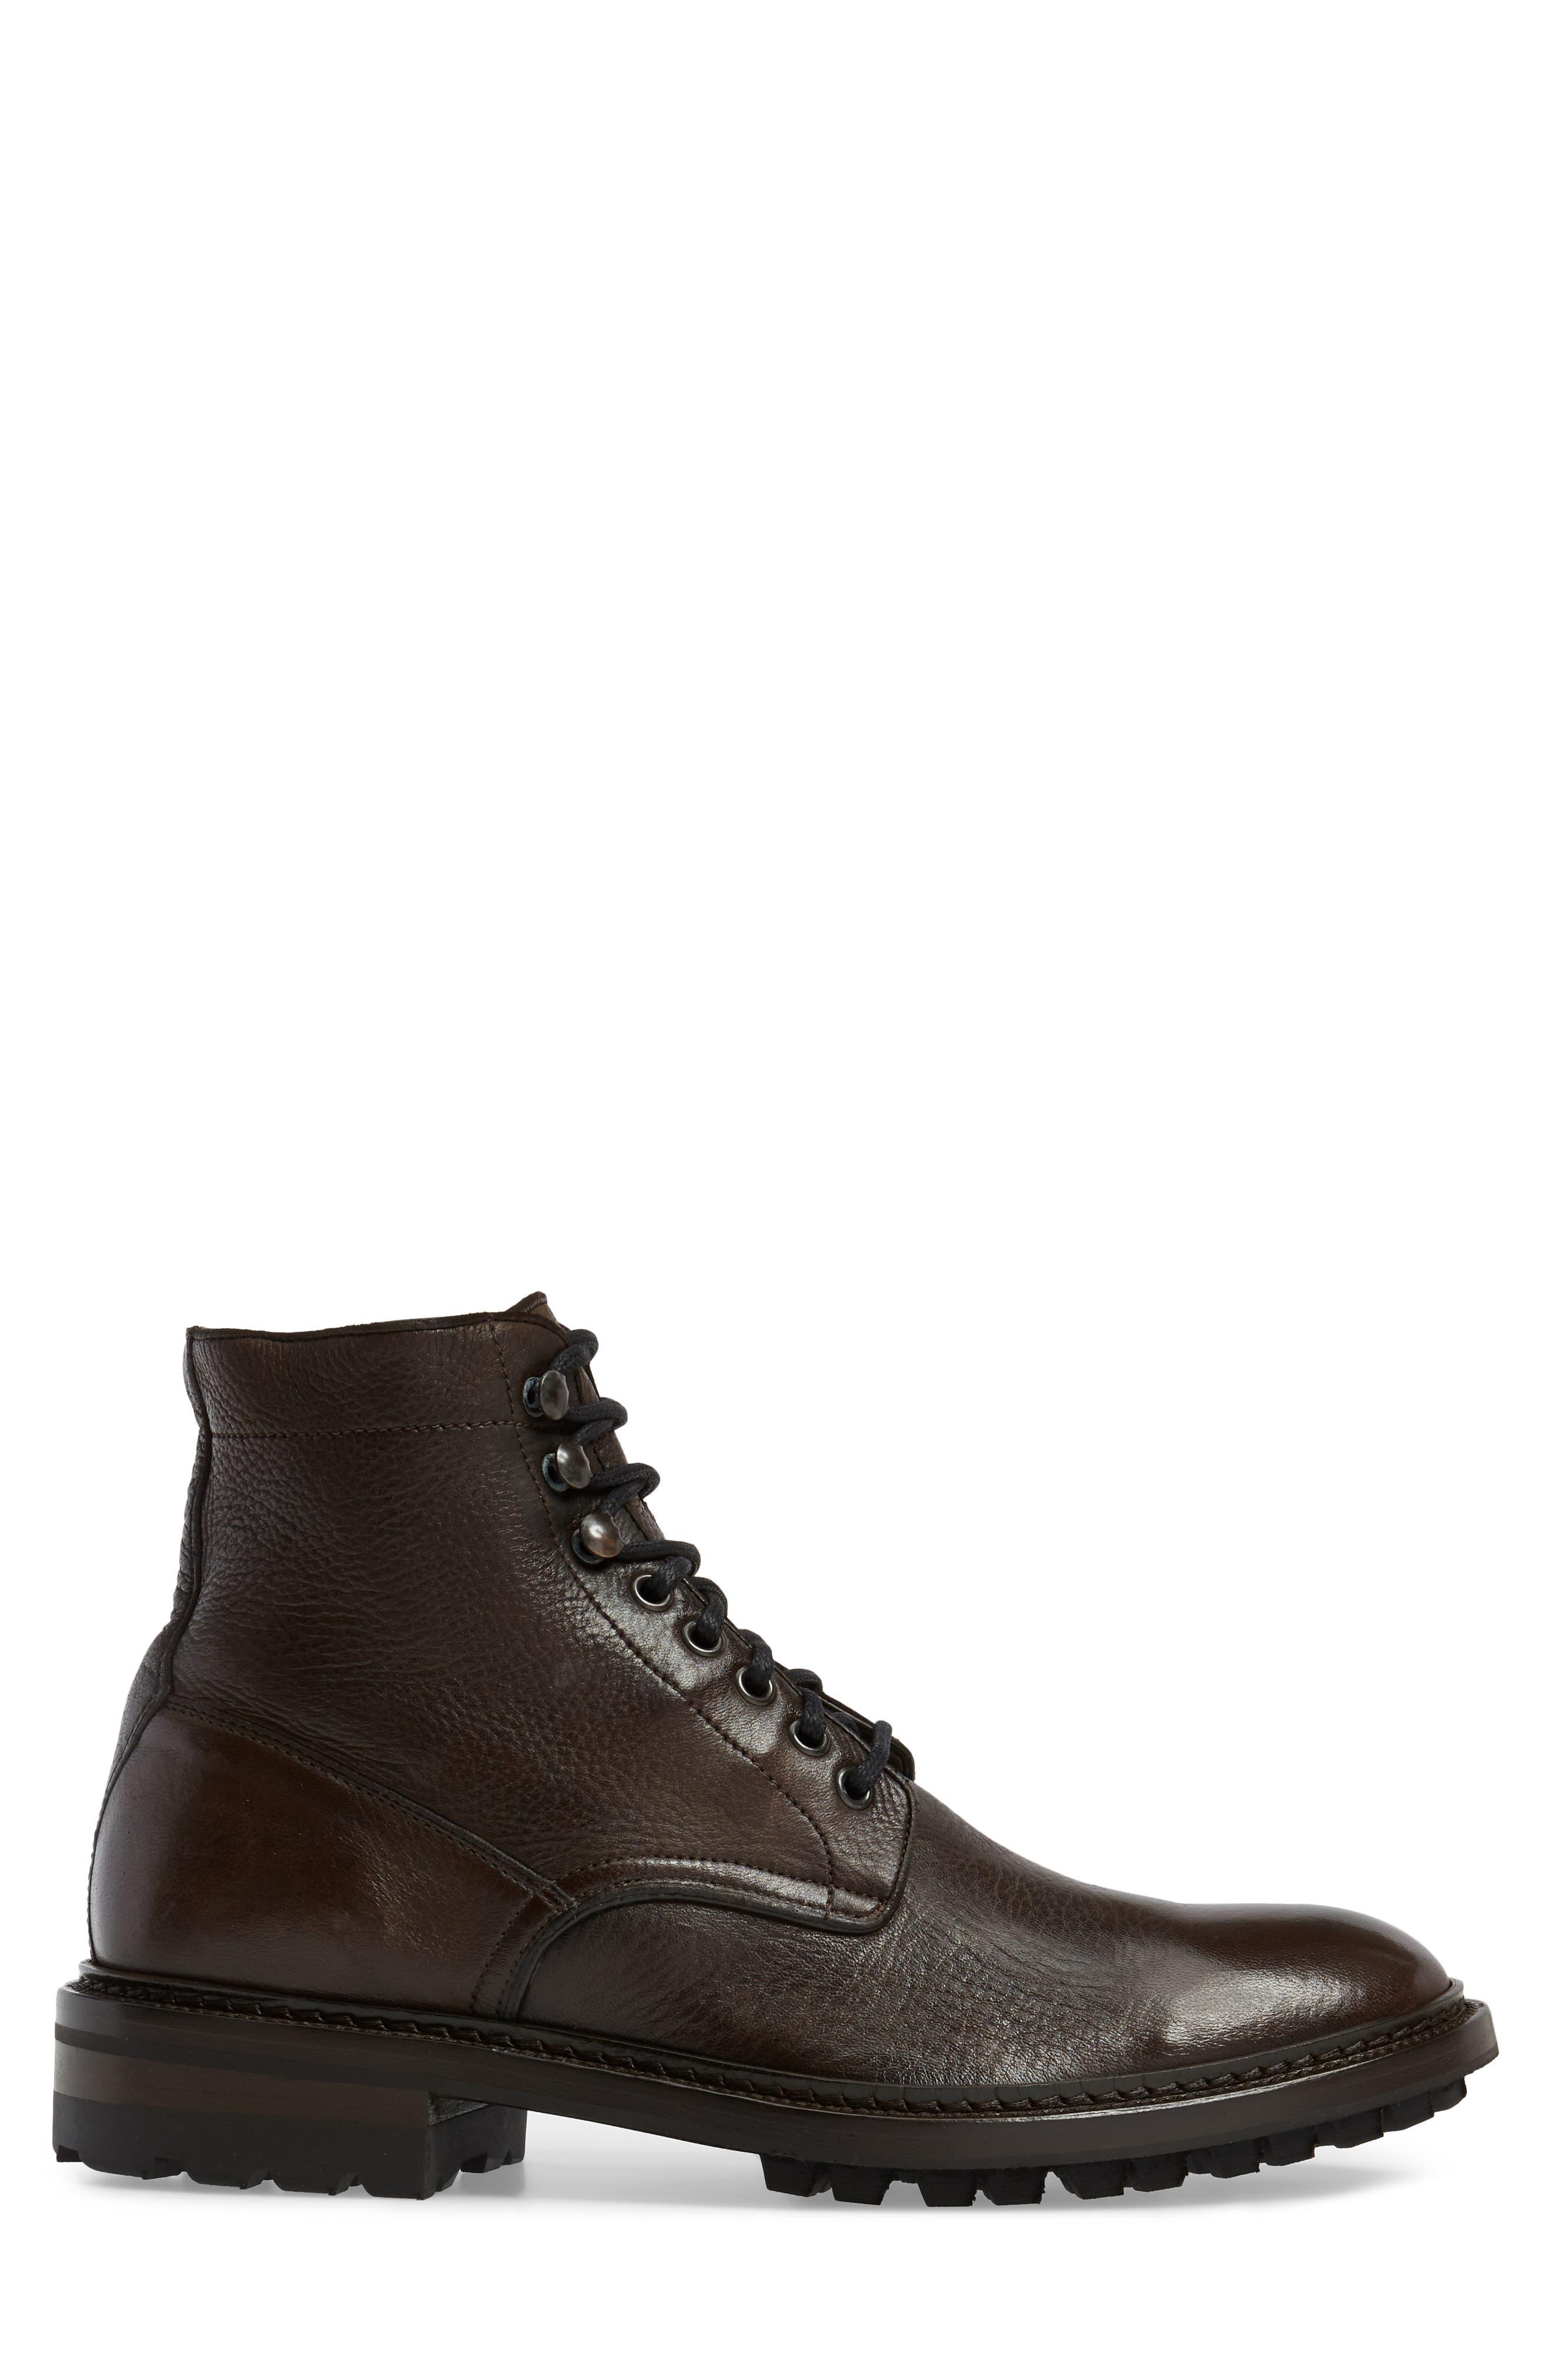 Greyson Plain Toe Boot,                             Alternate thumbnail 3, color,                             200